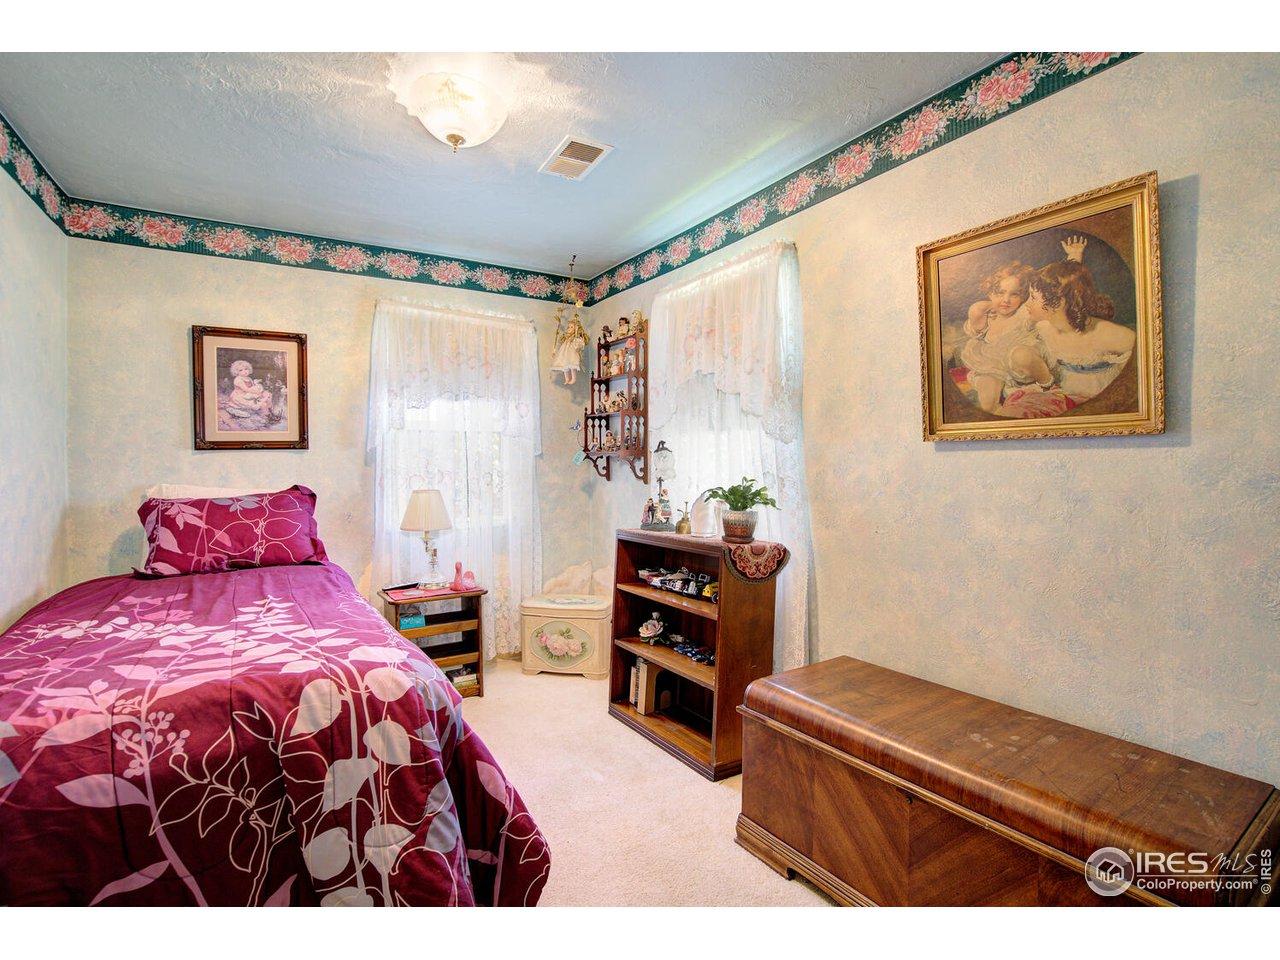 12 x 8 Bedroom 2